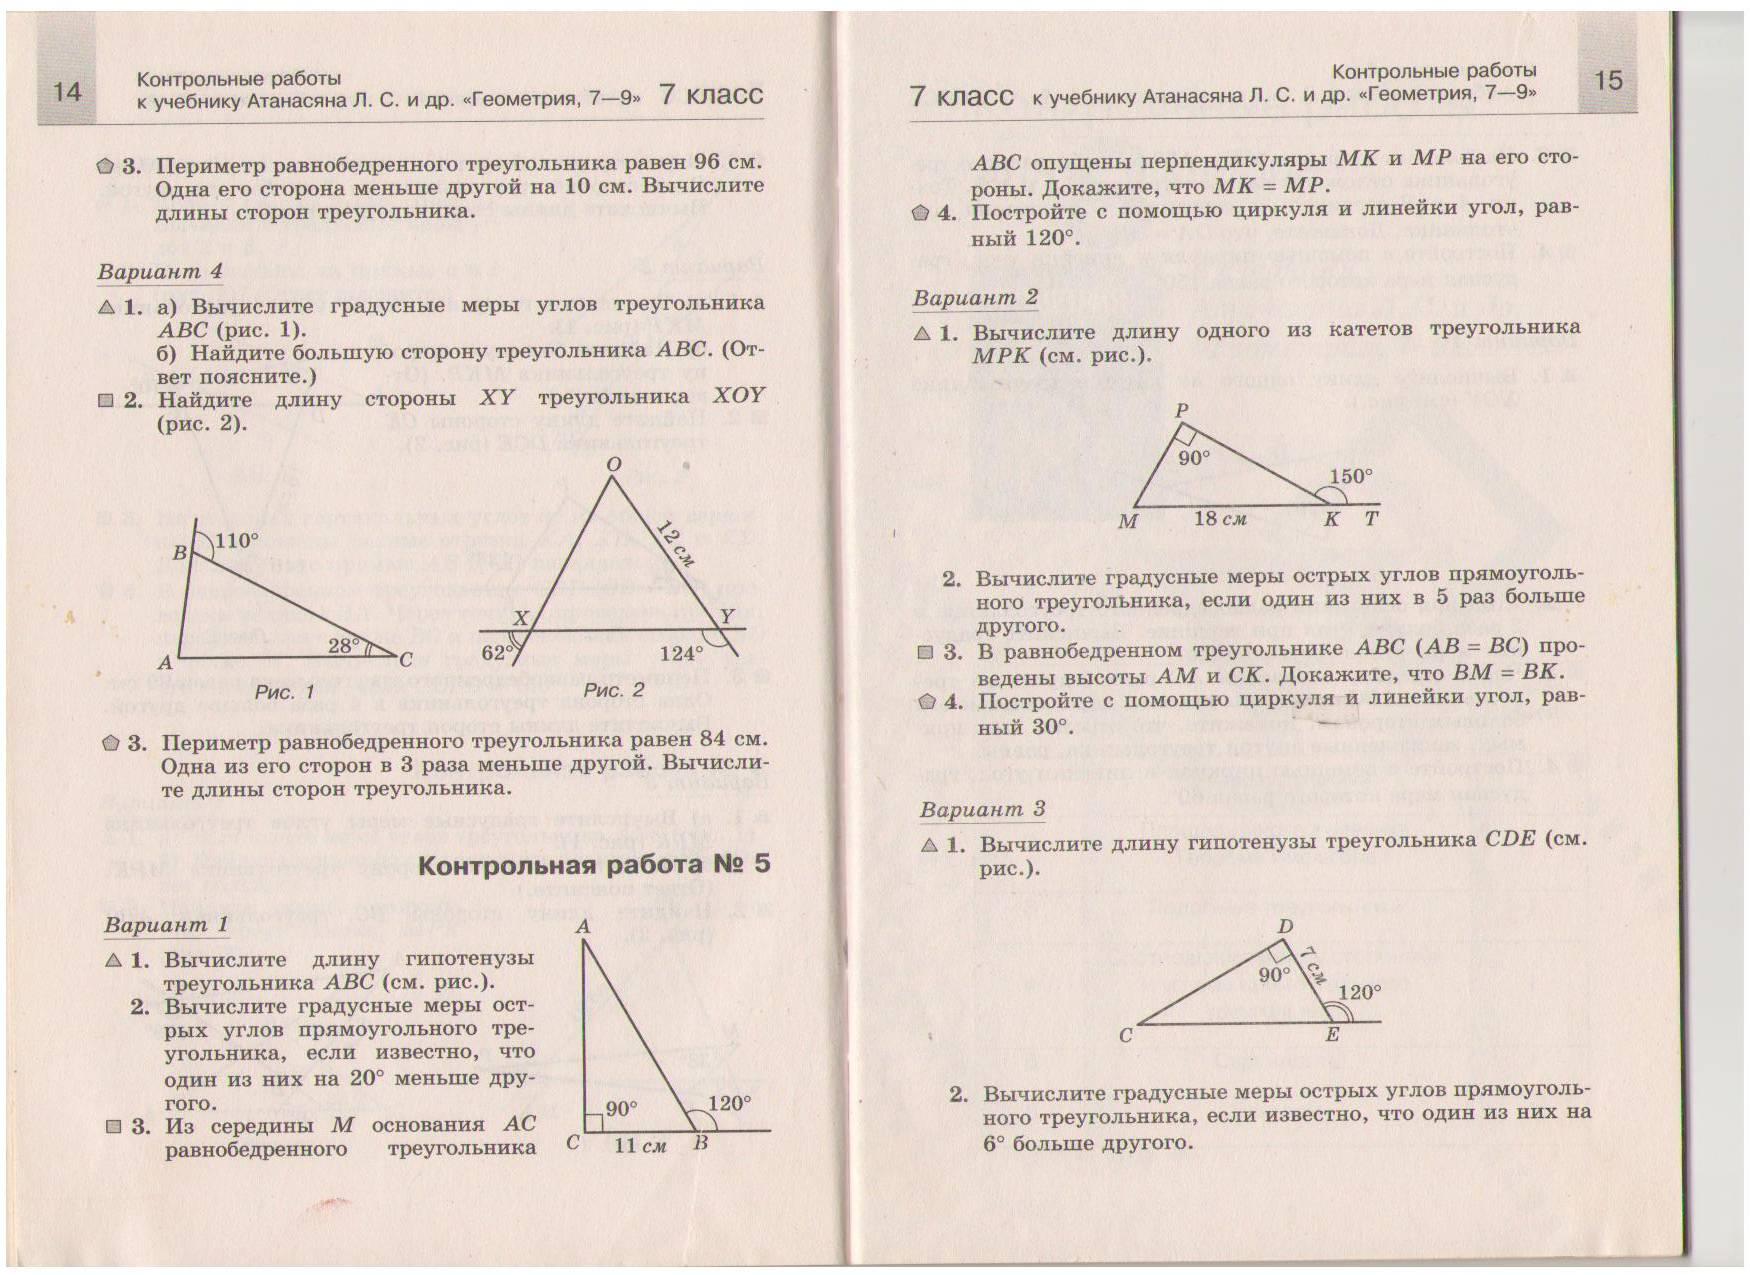 По 4 гдз работа контрольная 7 гиометрии класс